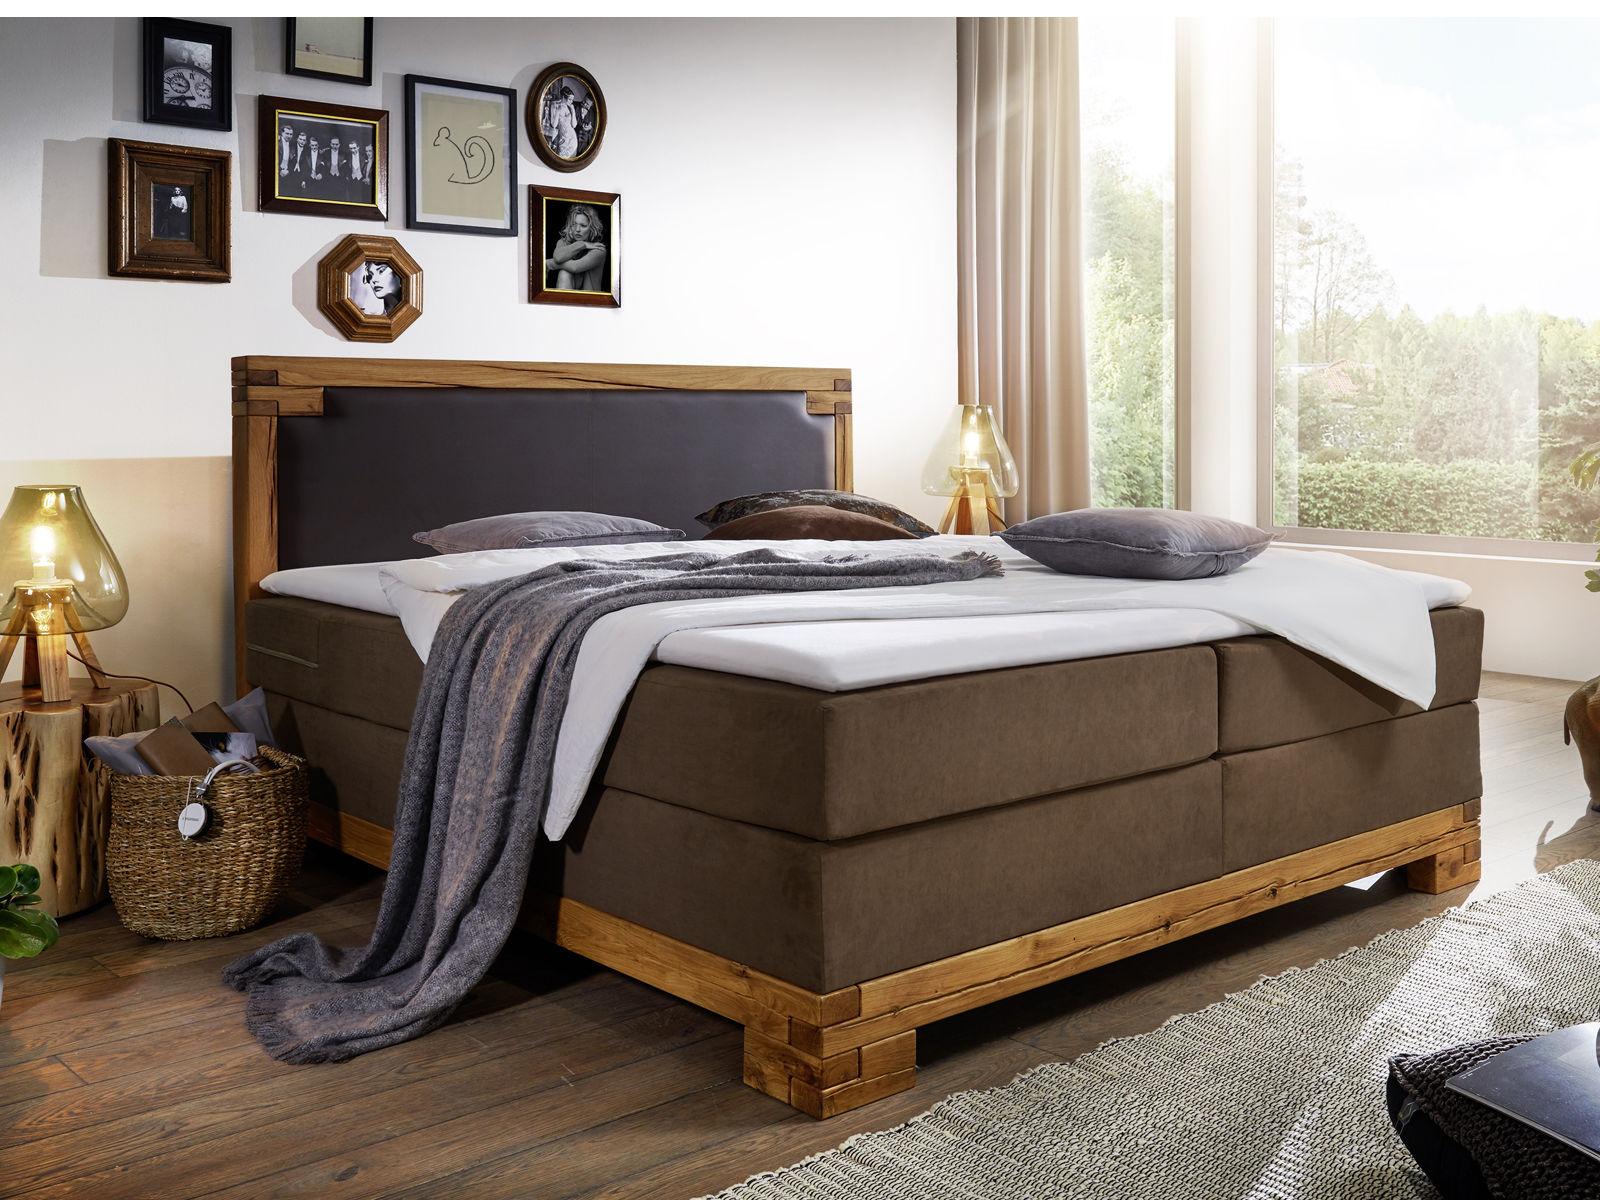 Full Size of Bett 200x220 Komforthöhe Betten Aus Massivholz Kaufen Doppelbetten Von Massivum 120x200 140x200 Ohne Kopfteil 200x200 Vintage 1 40x2 00 Pinolino Mit Wohnzimmer Bett 200x220 Komforthöhe